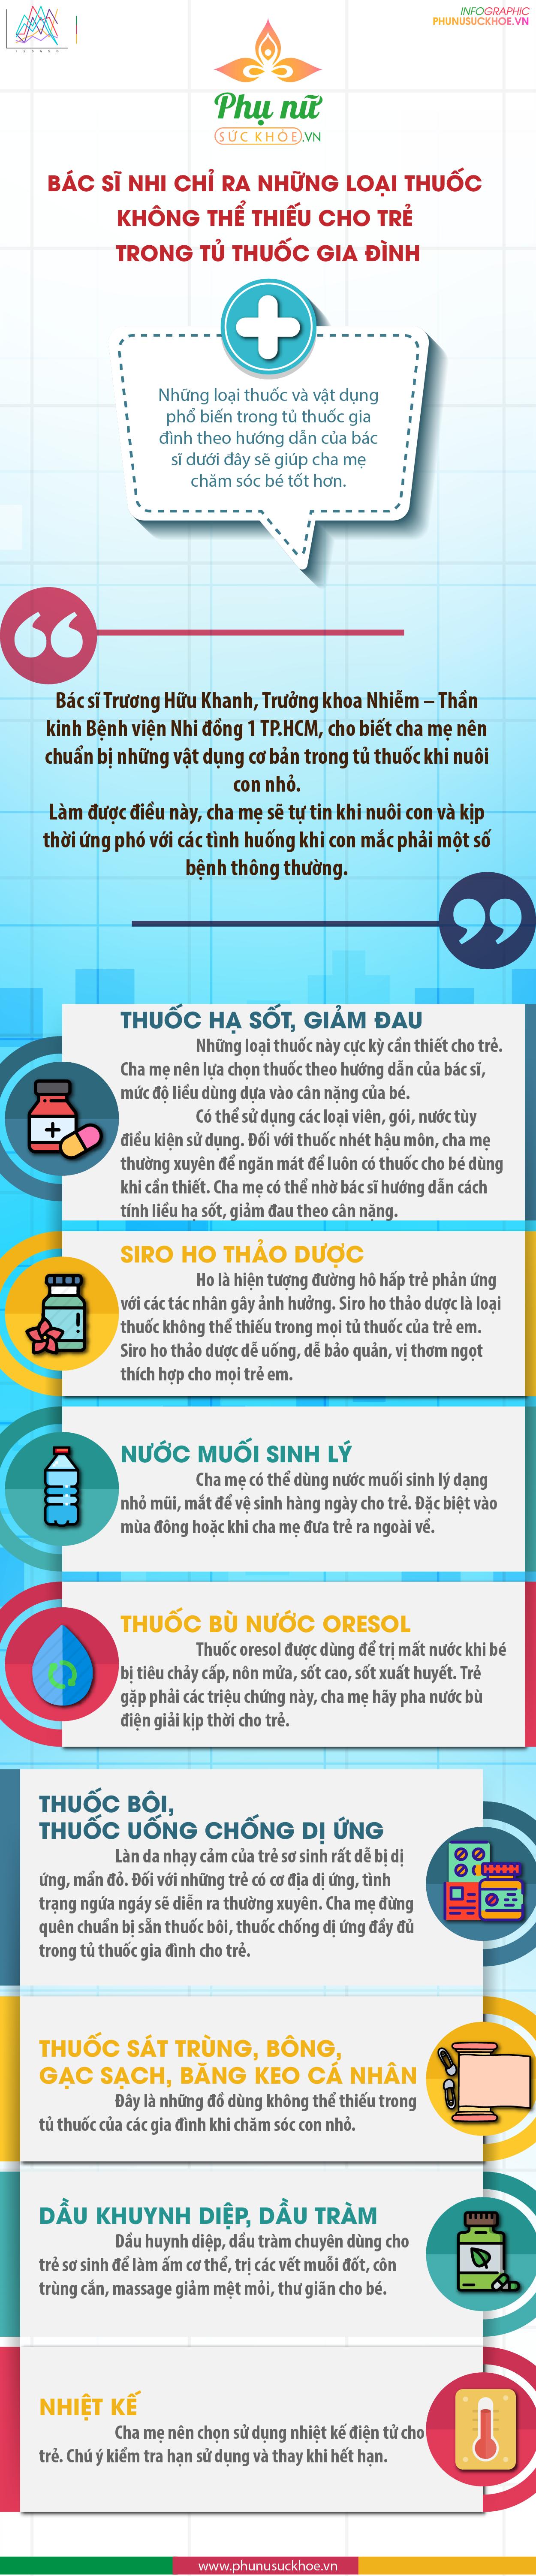 Bác sĩ Nhi chỉ ra những loại thuốc không thể thiếu cho trẻ trong tủ thuốc gia đình - Ảnh 1